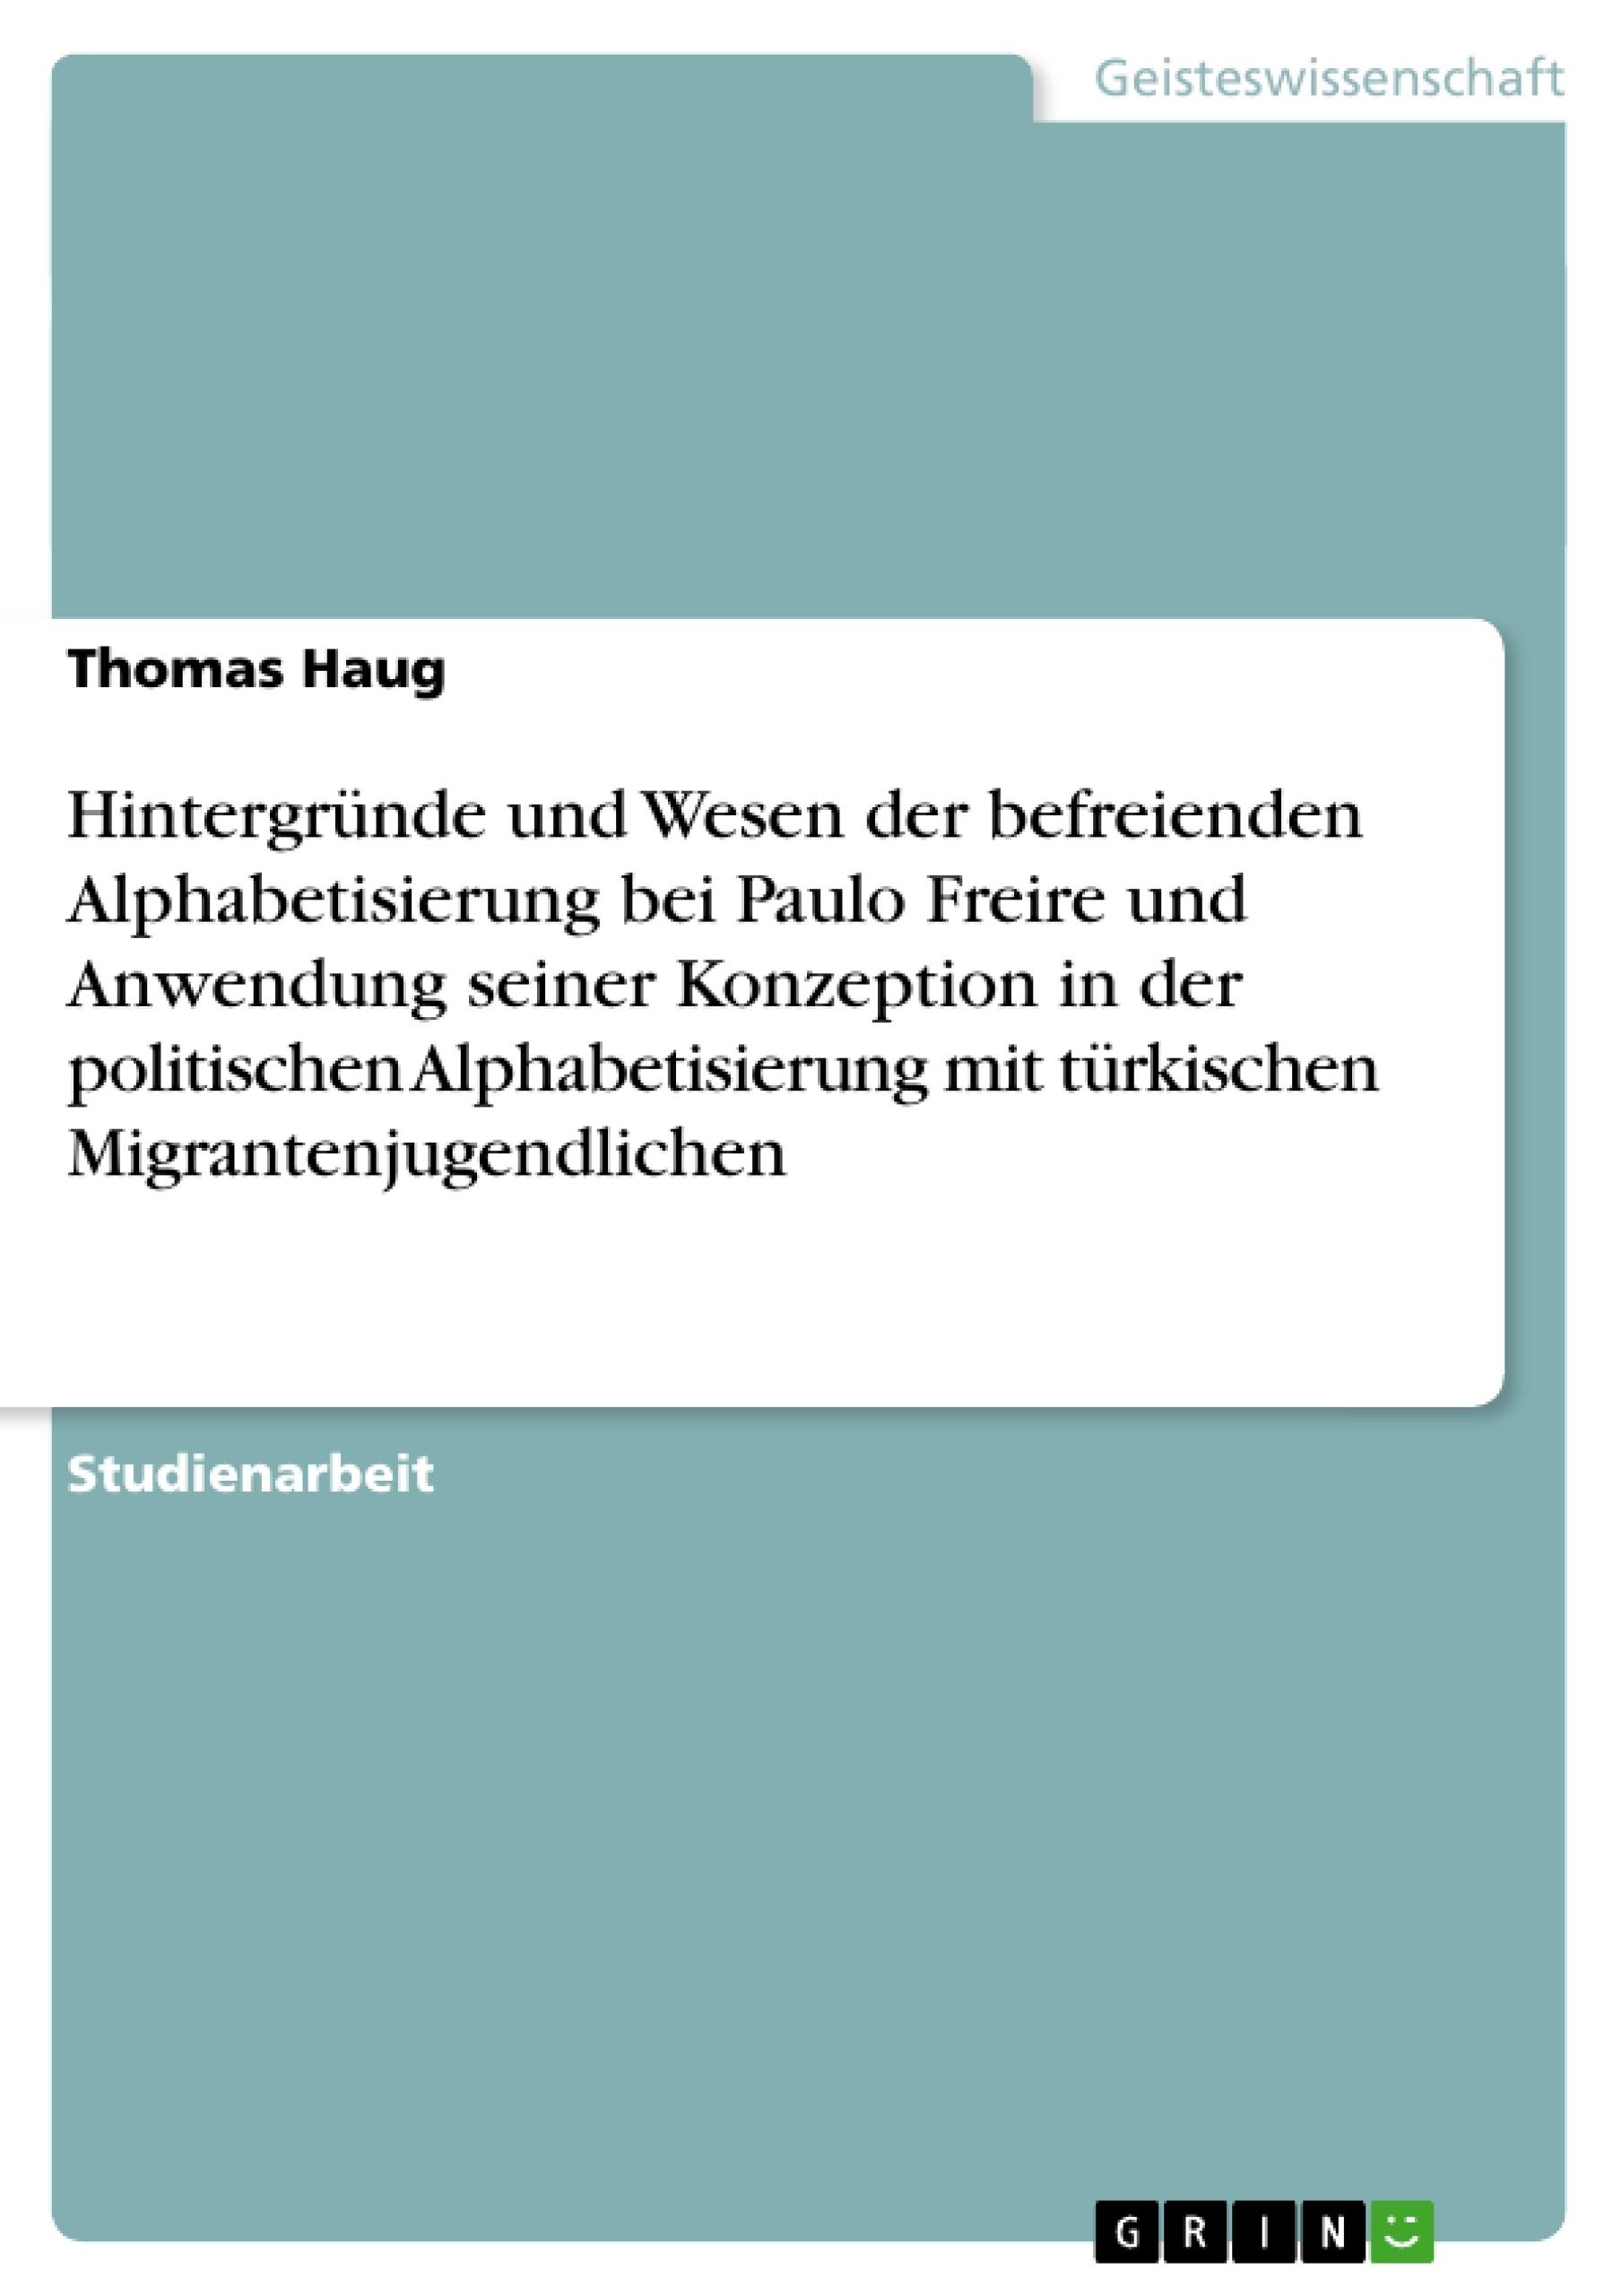 Titel: Hintergründe und Wesen der befreienden Alphabetisierung bei Paulo Freire und Anwendung seiner Konzeption in der politischen Alphabetisierung mit türkischen Migrantenjugendlichen